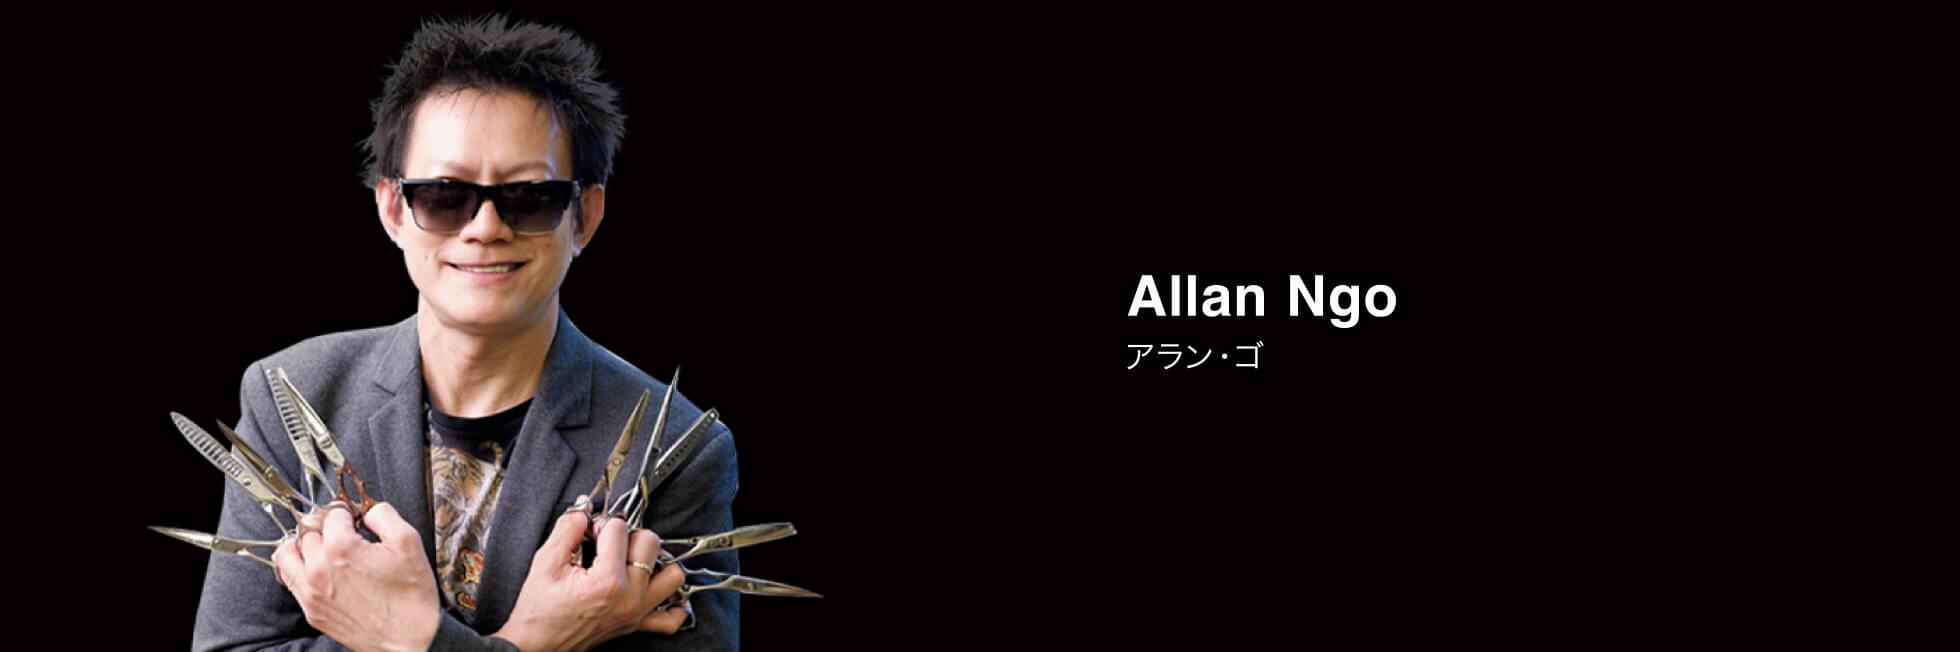 Allan Ngo アラン・ゴ